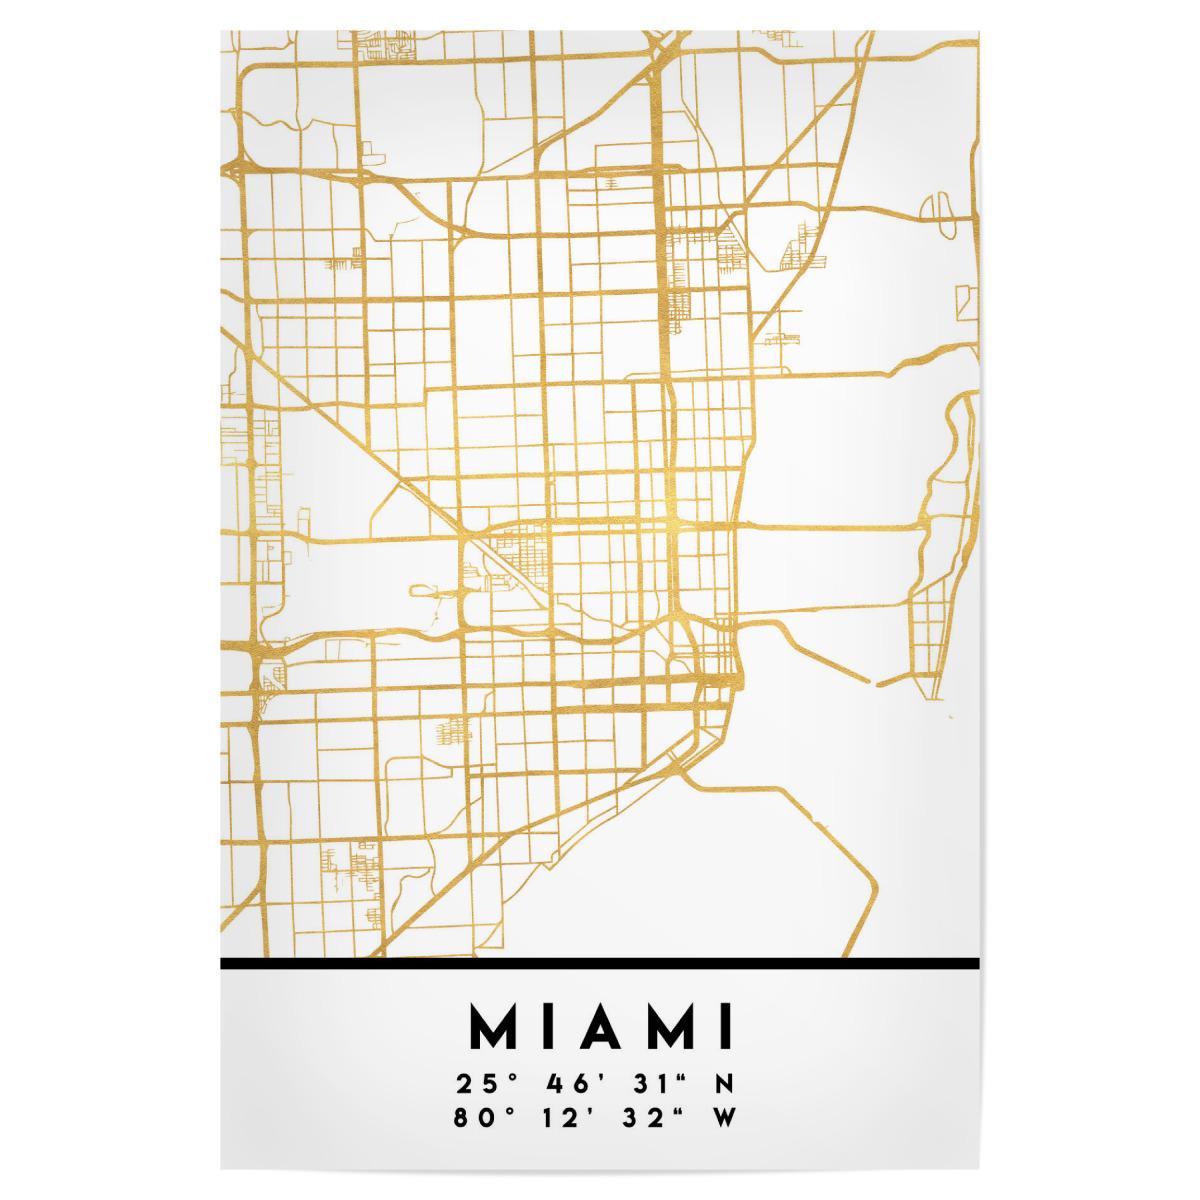 MIAMI FLORIDA STREET MAP ART als Poster bei artboxONE kaufen on